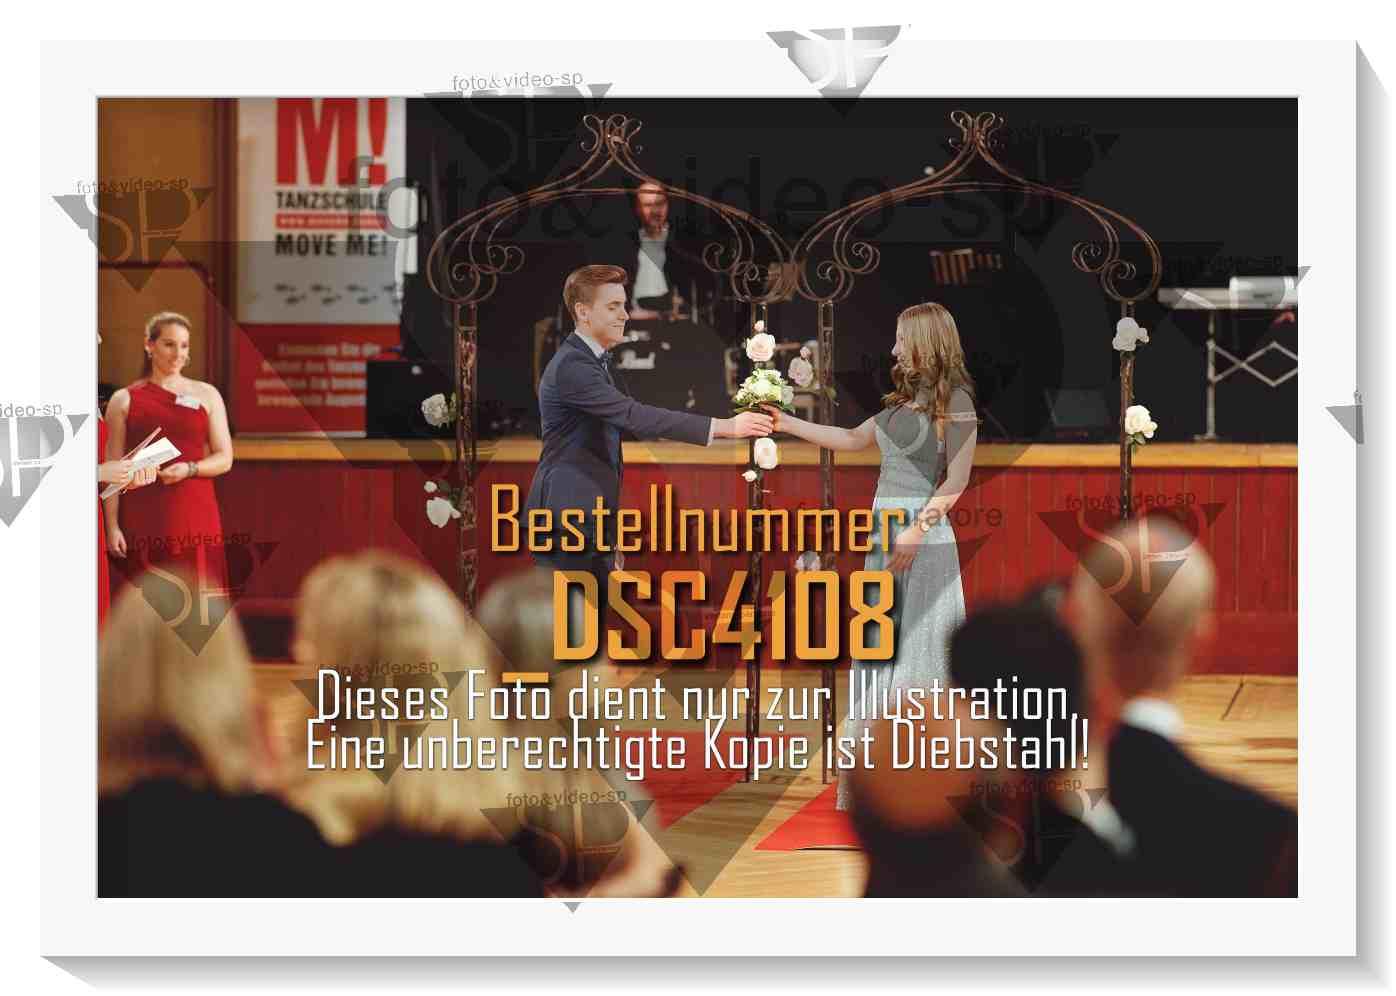 DSC4108